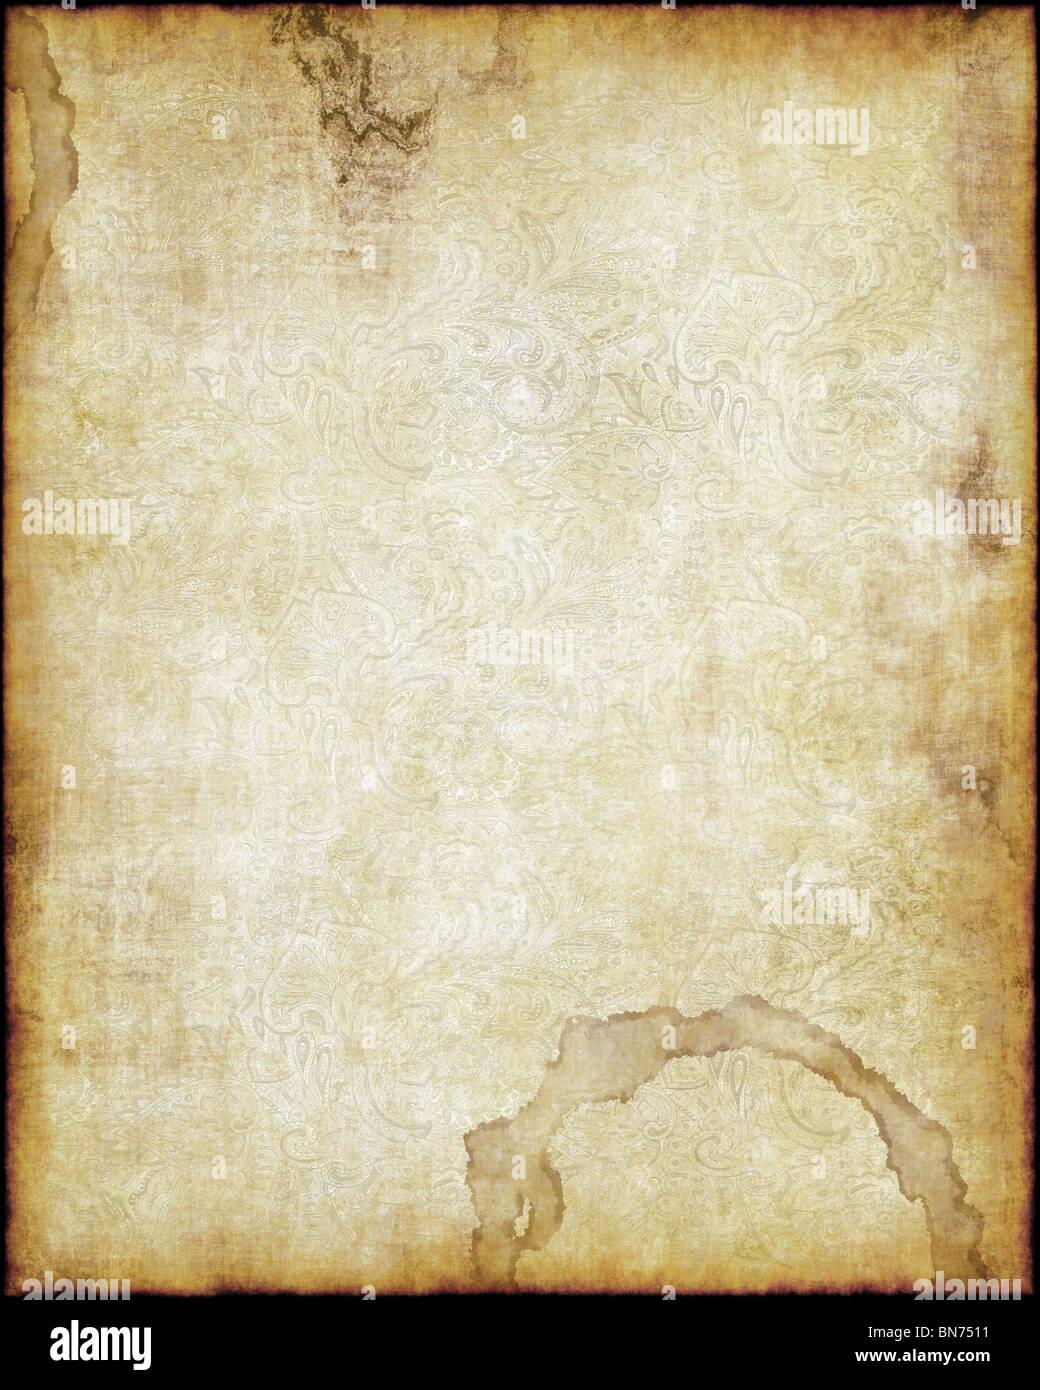 Vecchio usurato in carta pergamena texture di sfondo immagine Immagini Stock